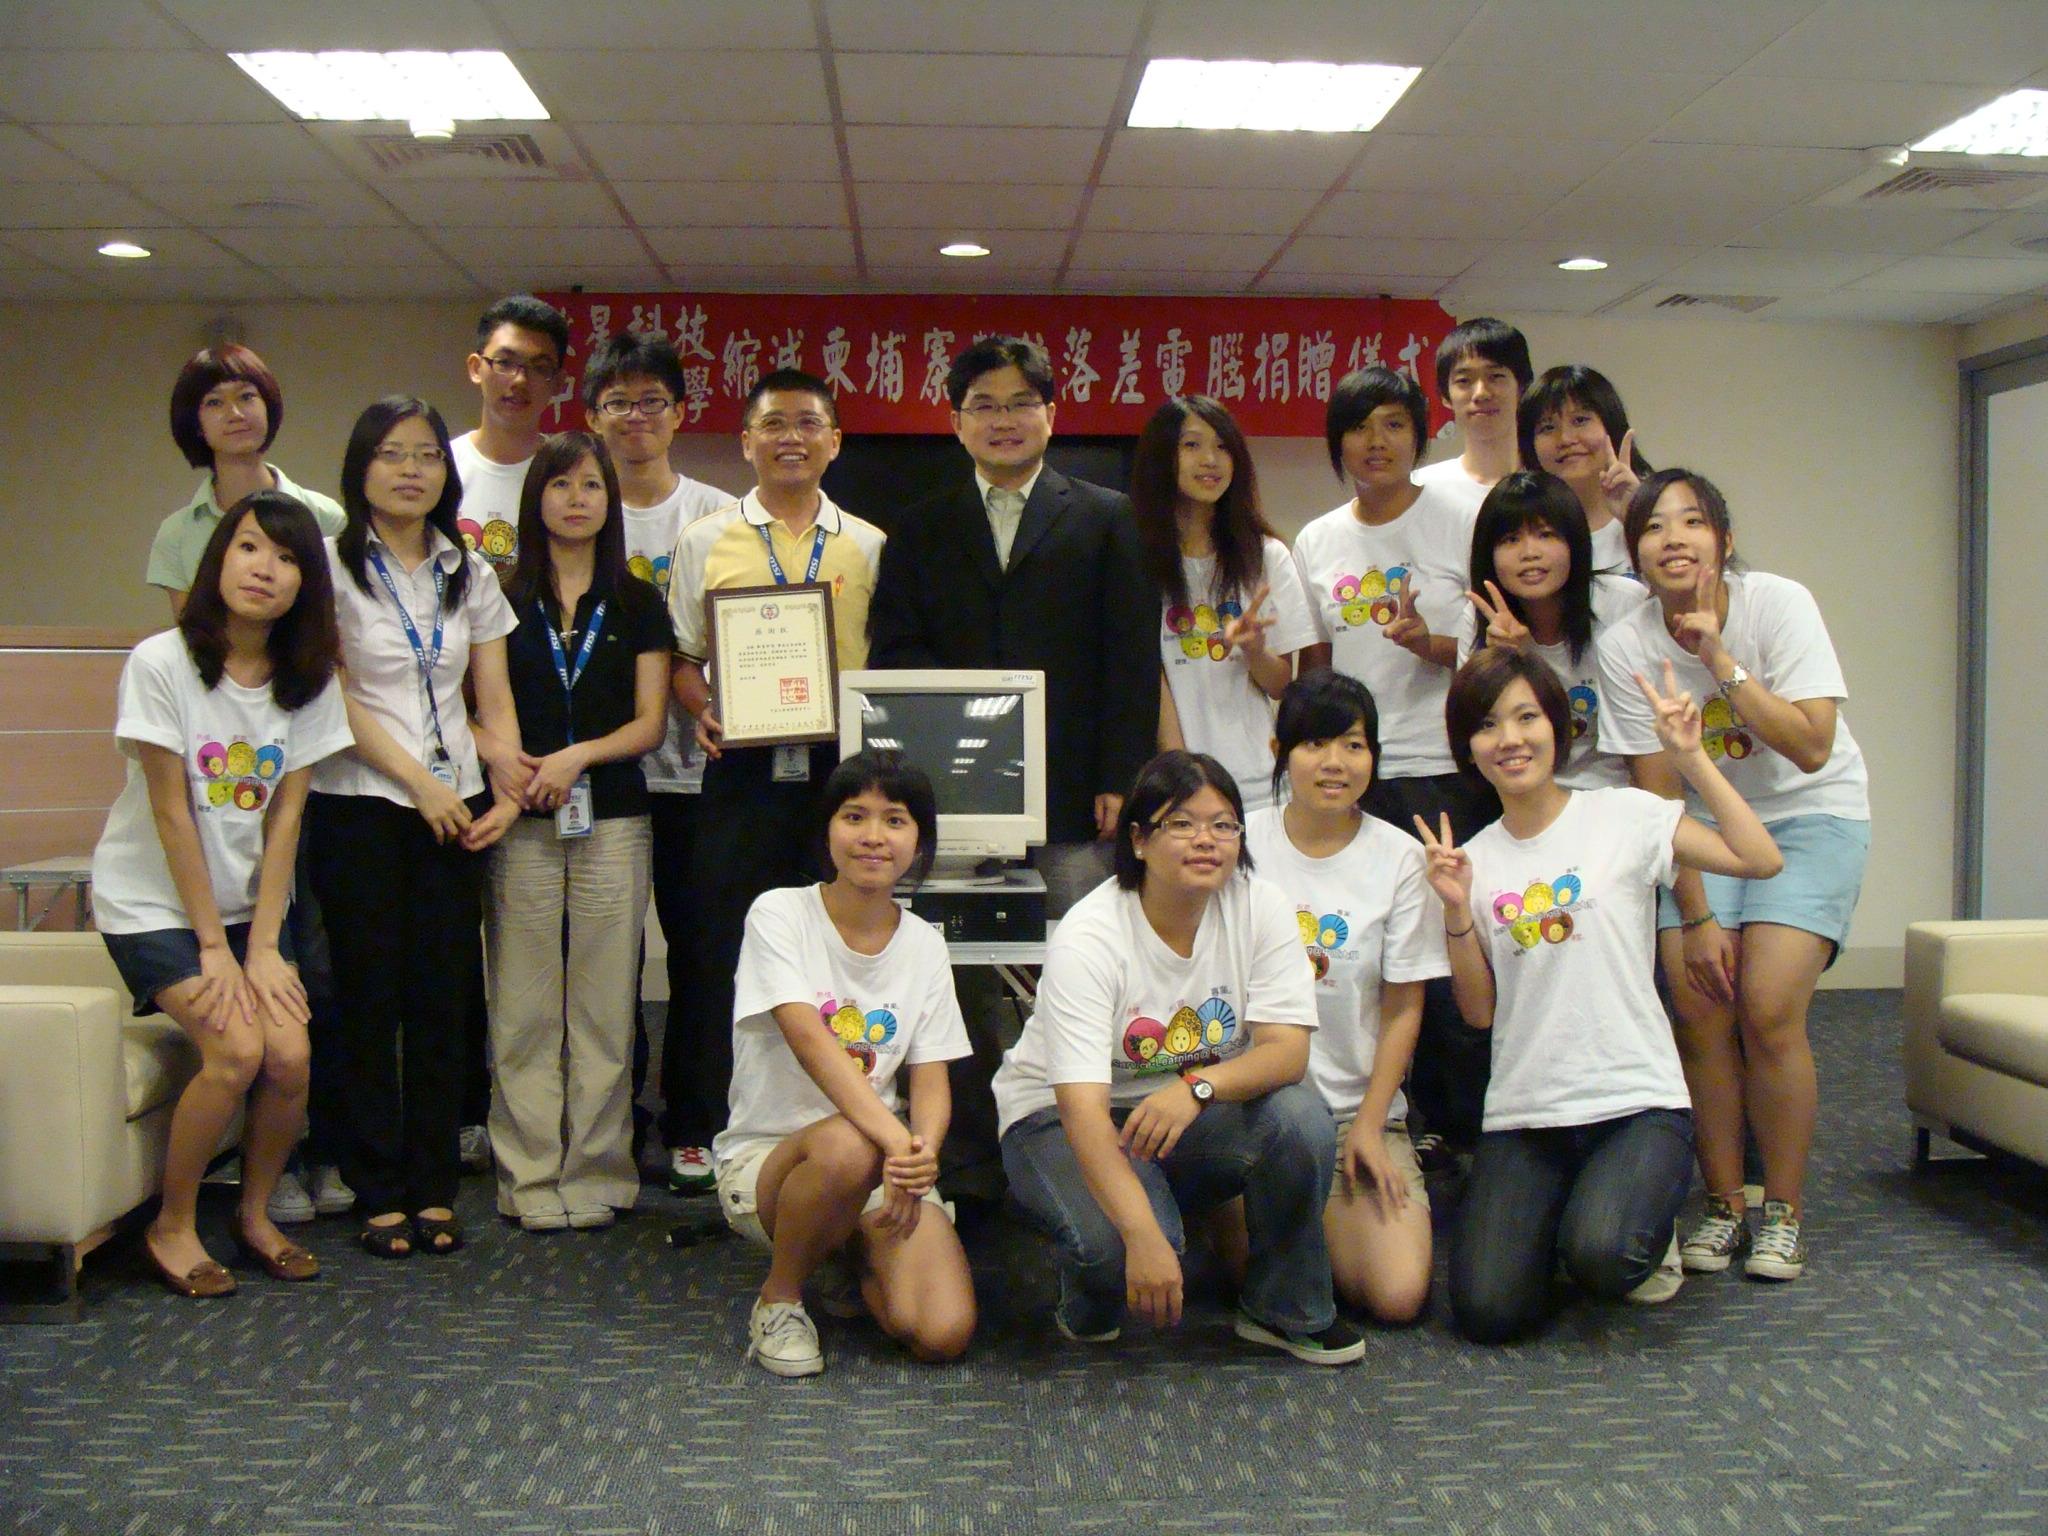 微星科技贊助中原志工20部電腦 協助柬埔寨縮短數位落差